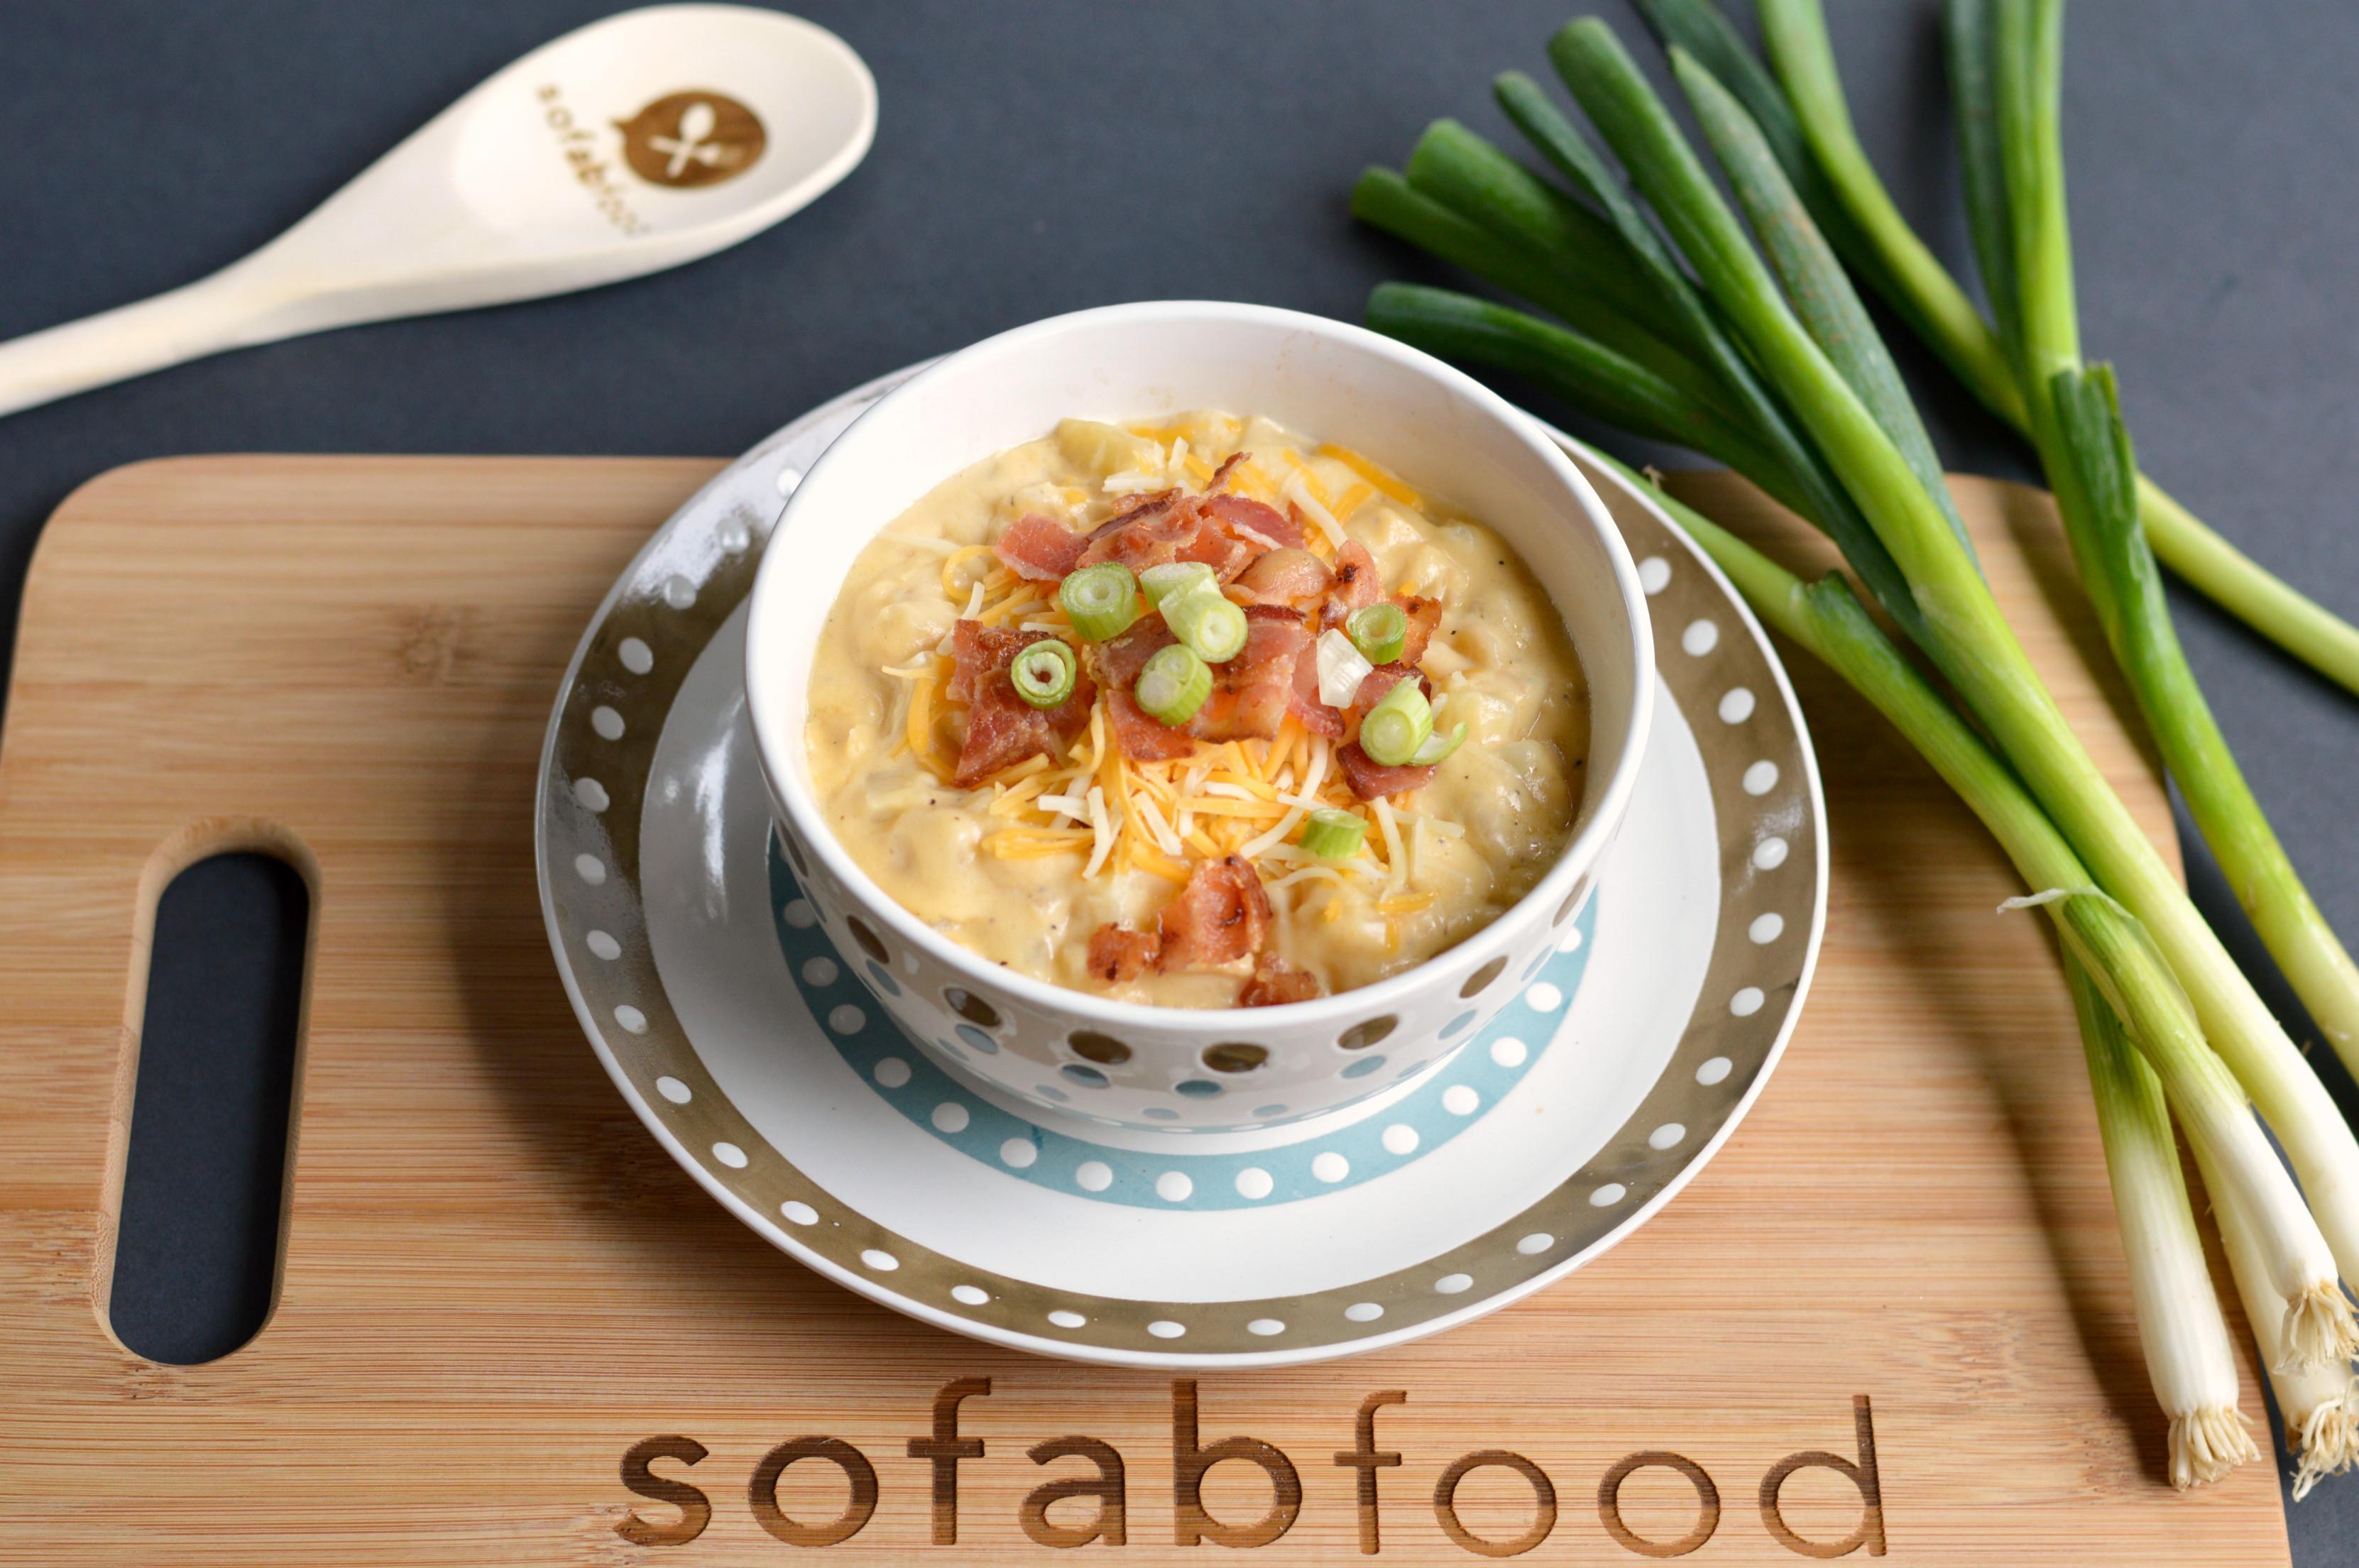 Homemade Potato Soup Recipe  Homemade Potato Soup Recipe from Scratch SoFabFood